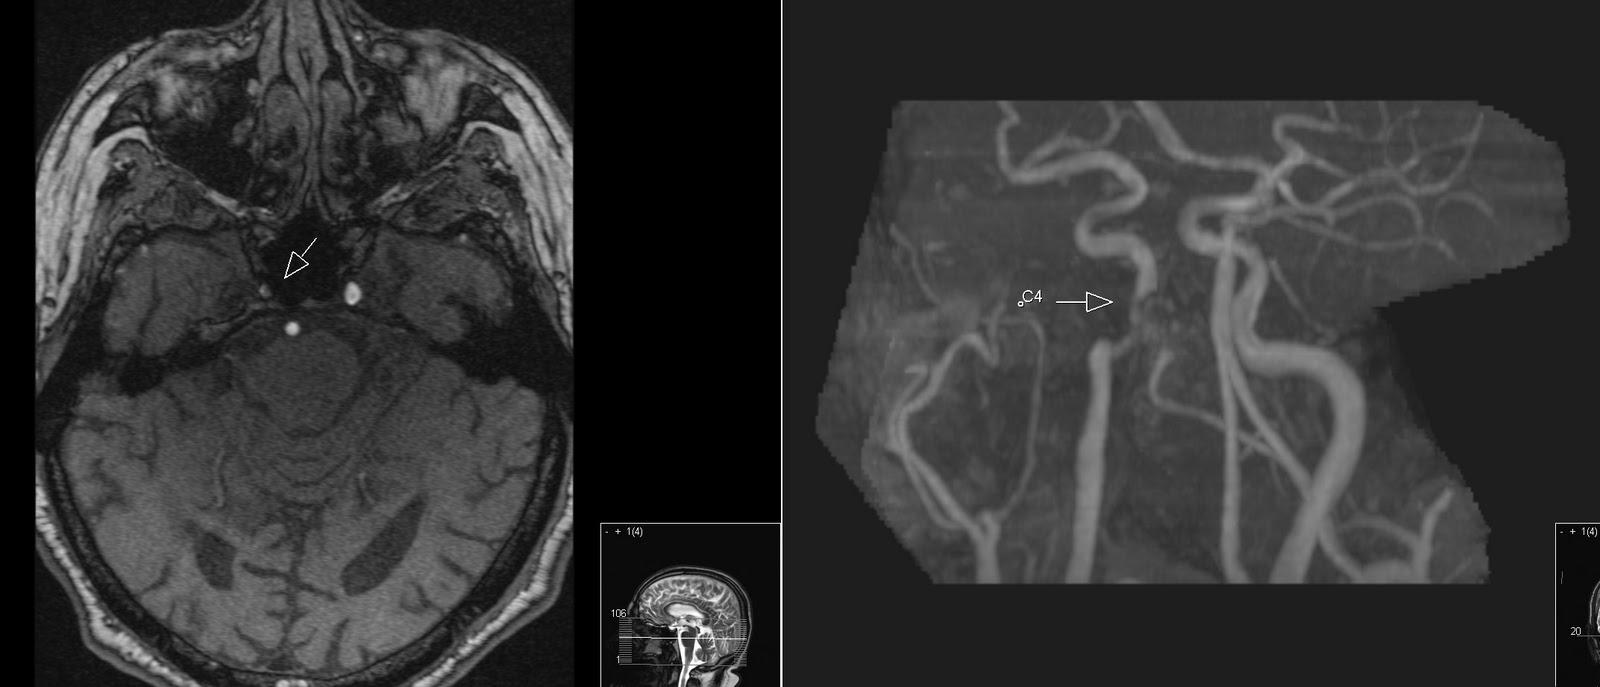 Radiology MRI: Carotis Segments